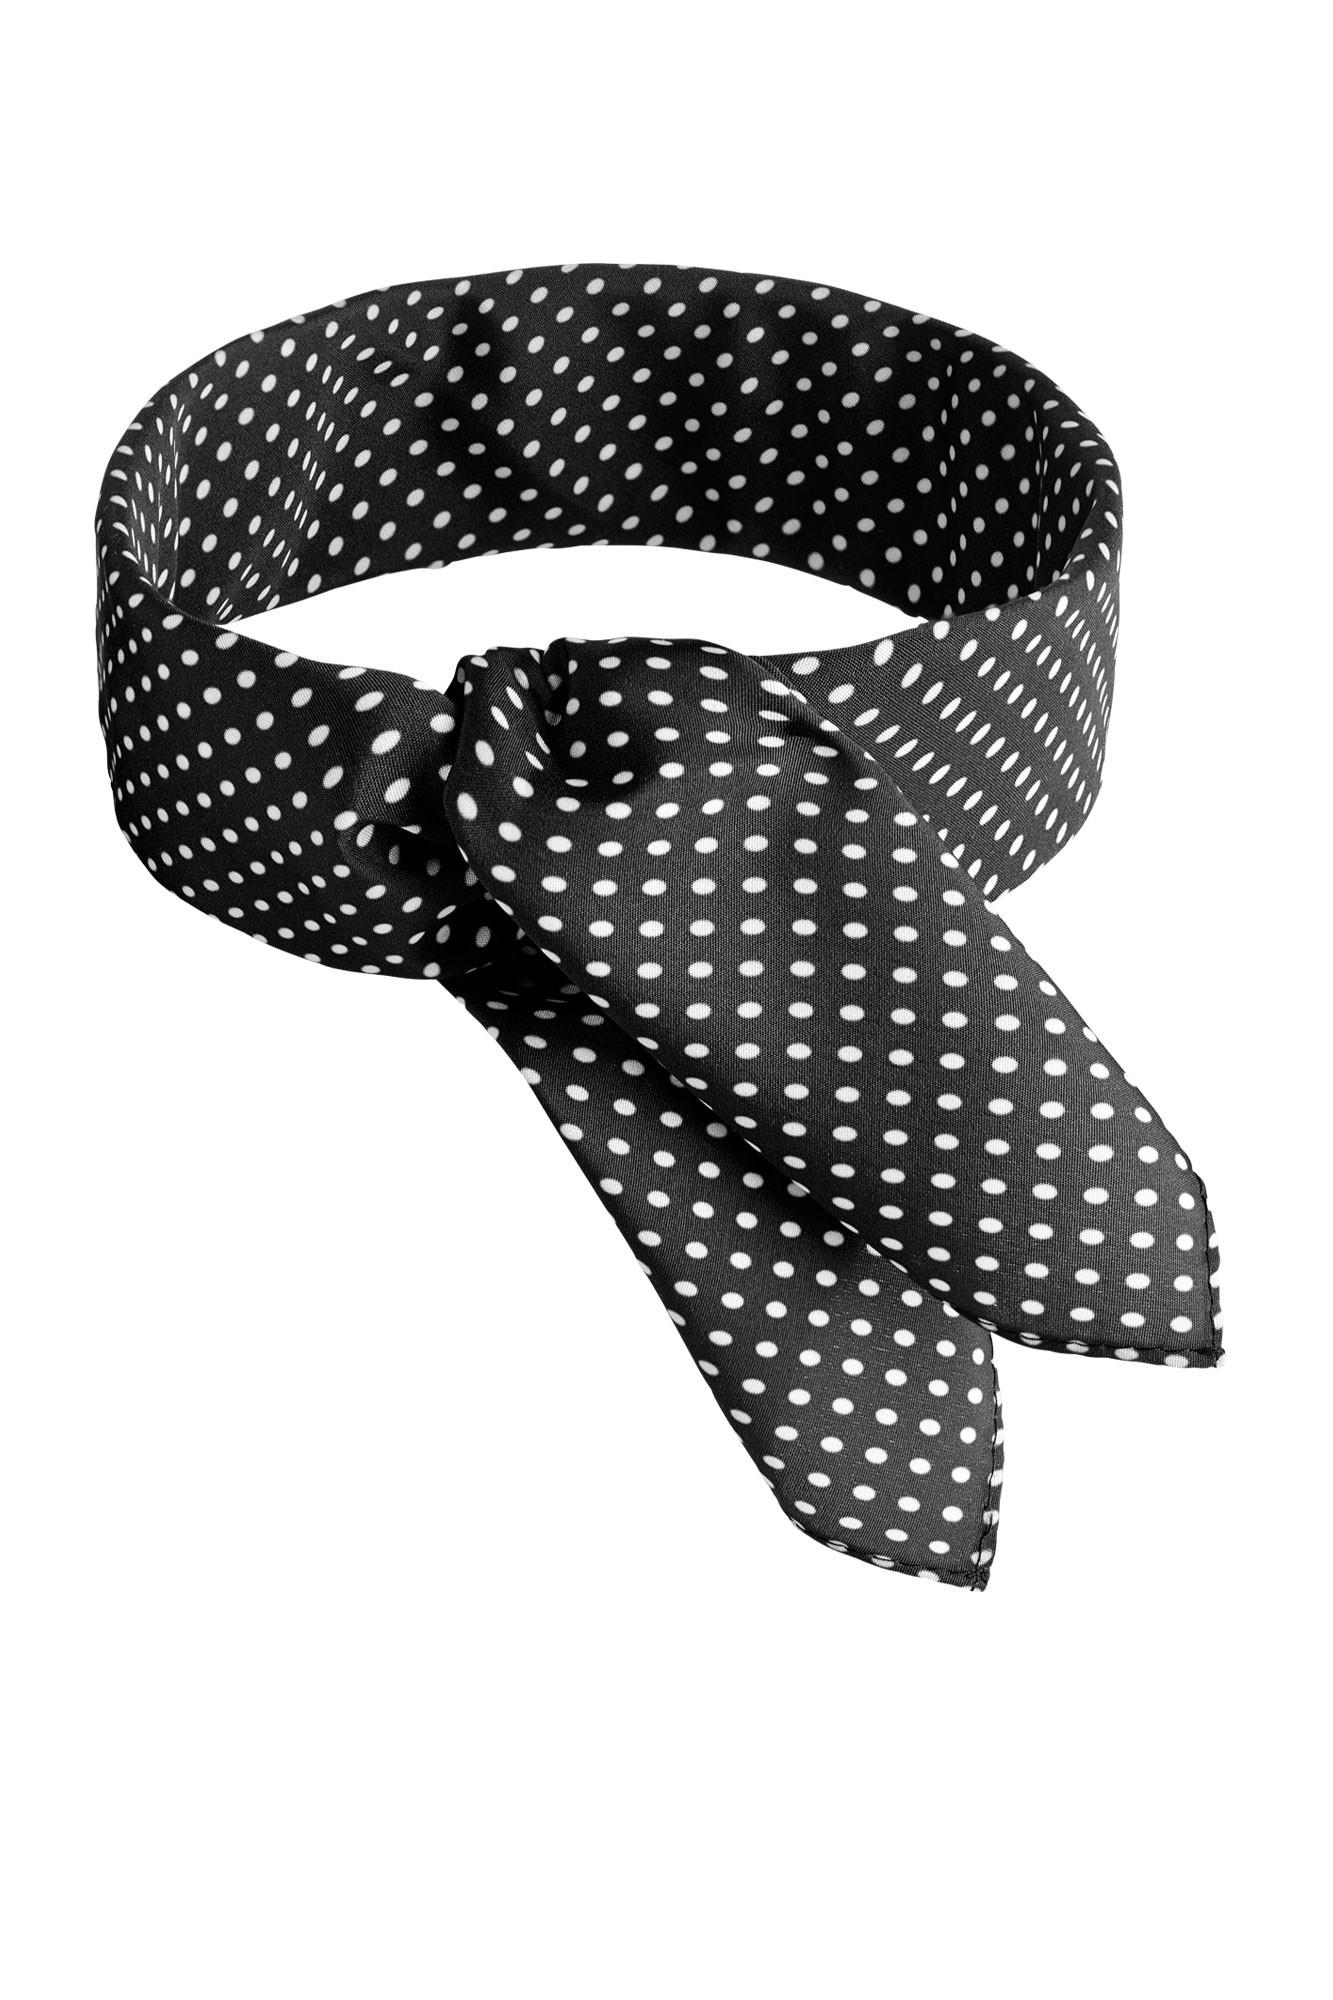 Šátek Punkte - černý/bílý